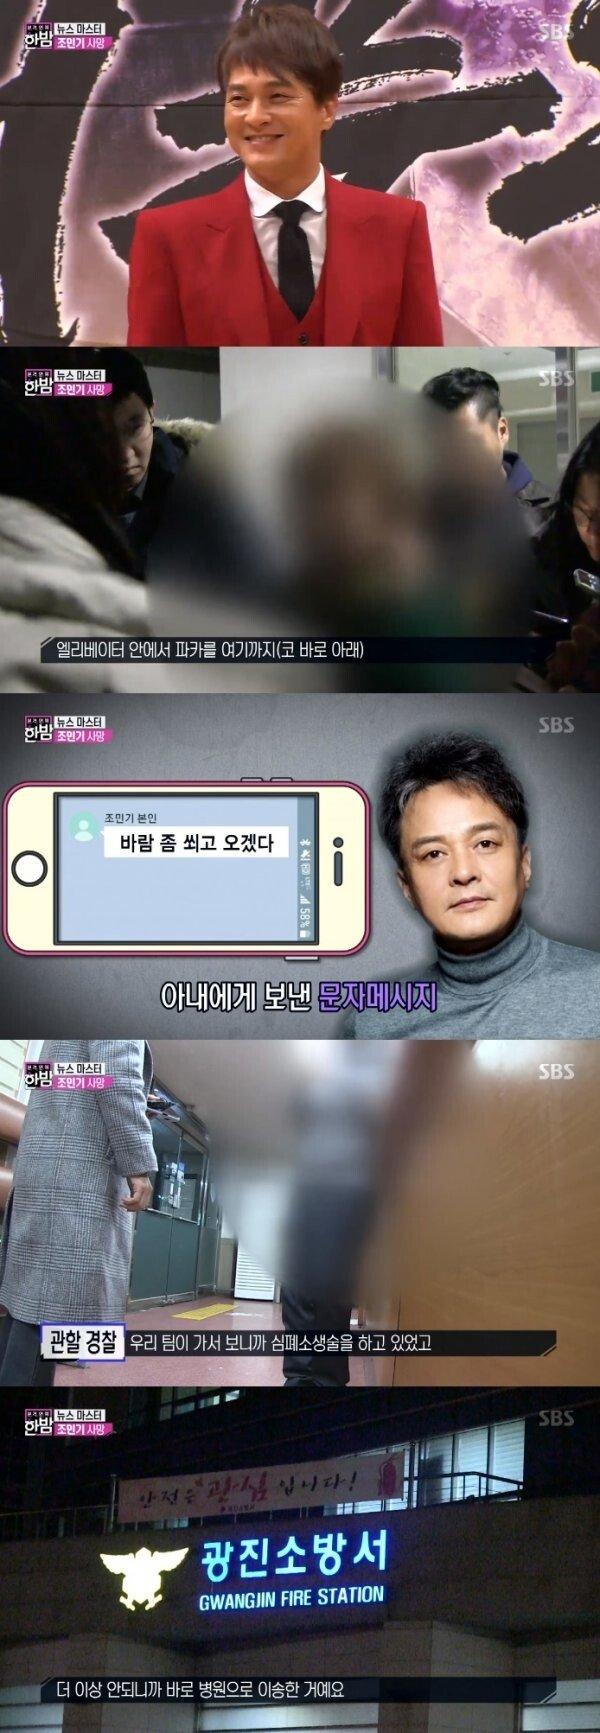 """'한밤' 광진 소방서 측 """"조민기 발견 당시 맥박 無"""""""